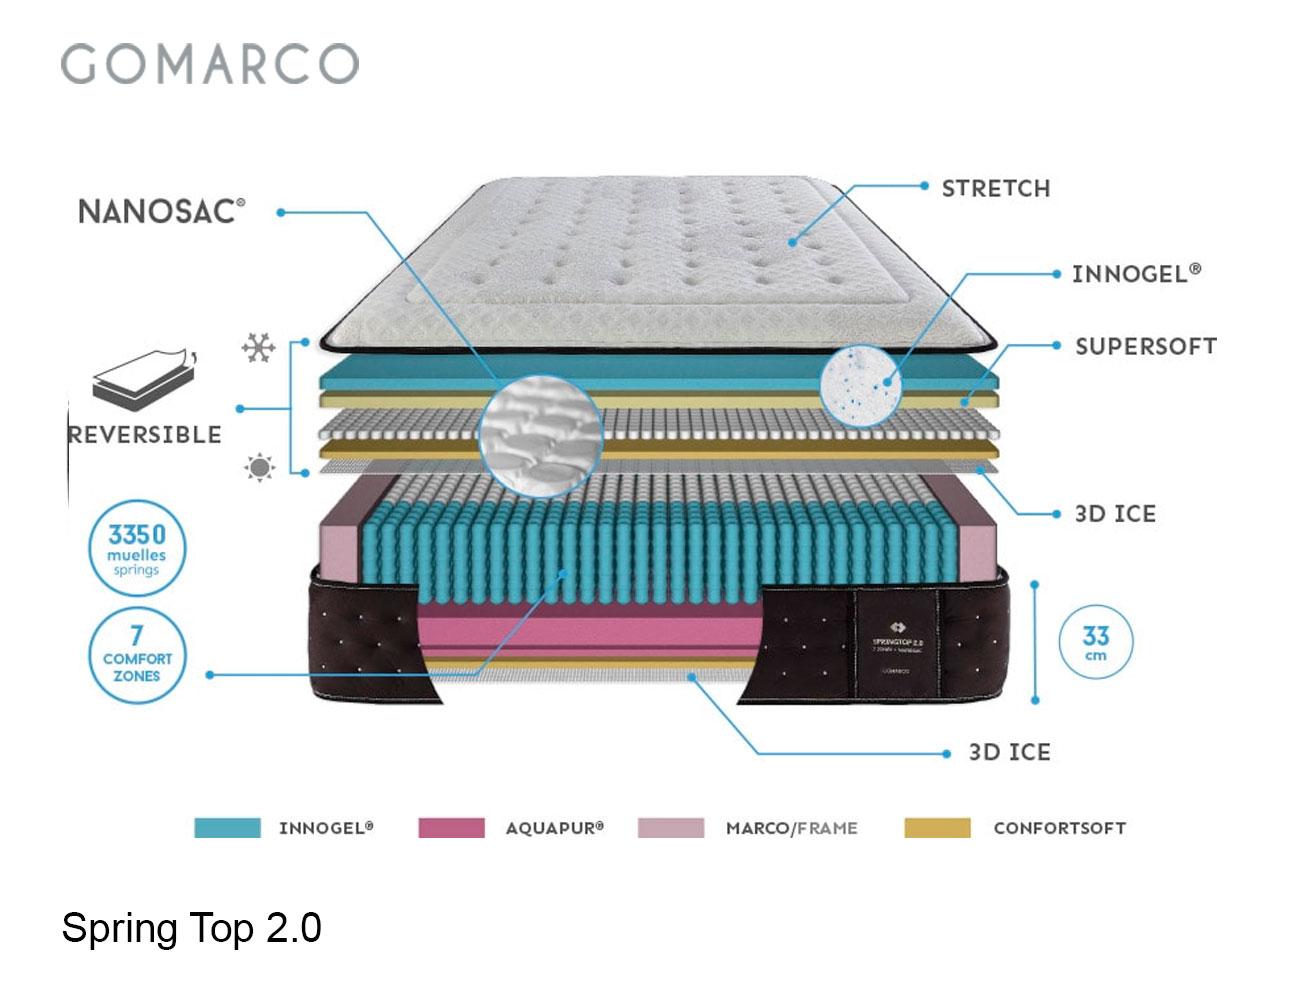 Colch n spring top de gomarco 7088 factory del mueble - Catalogo de colchones ...